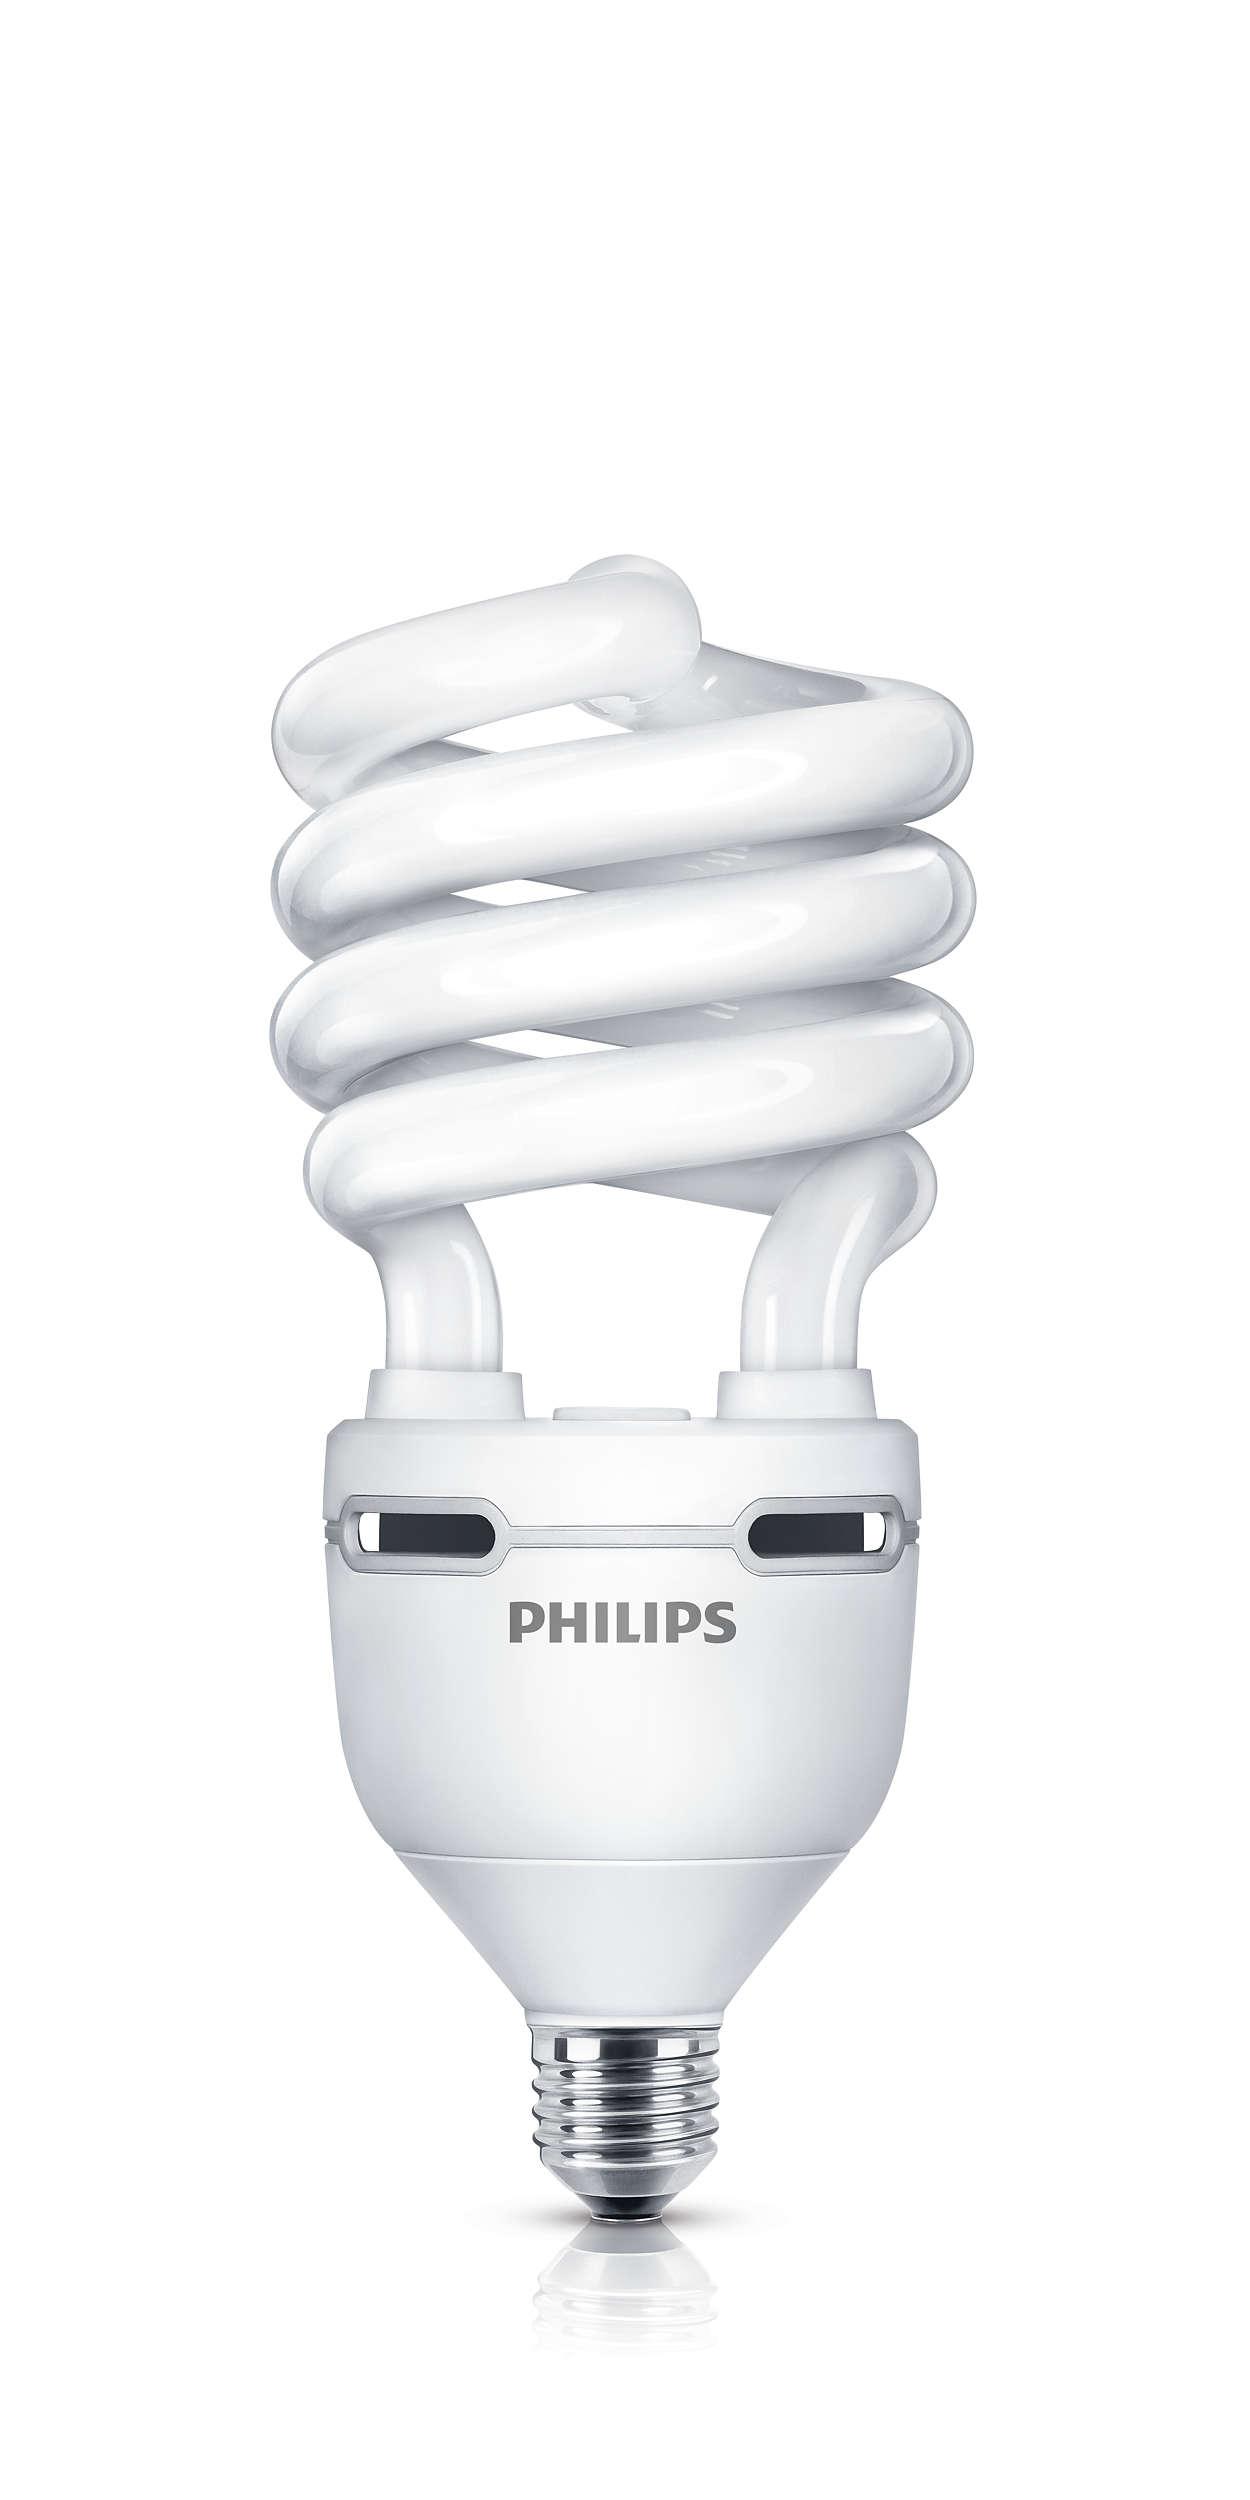 Lampada a risparmio energetico a spirale che combina performance, design ed elevata emissione di lumen